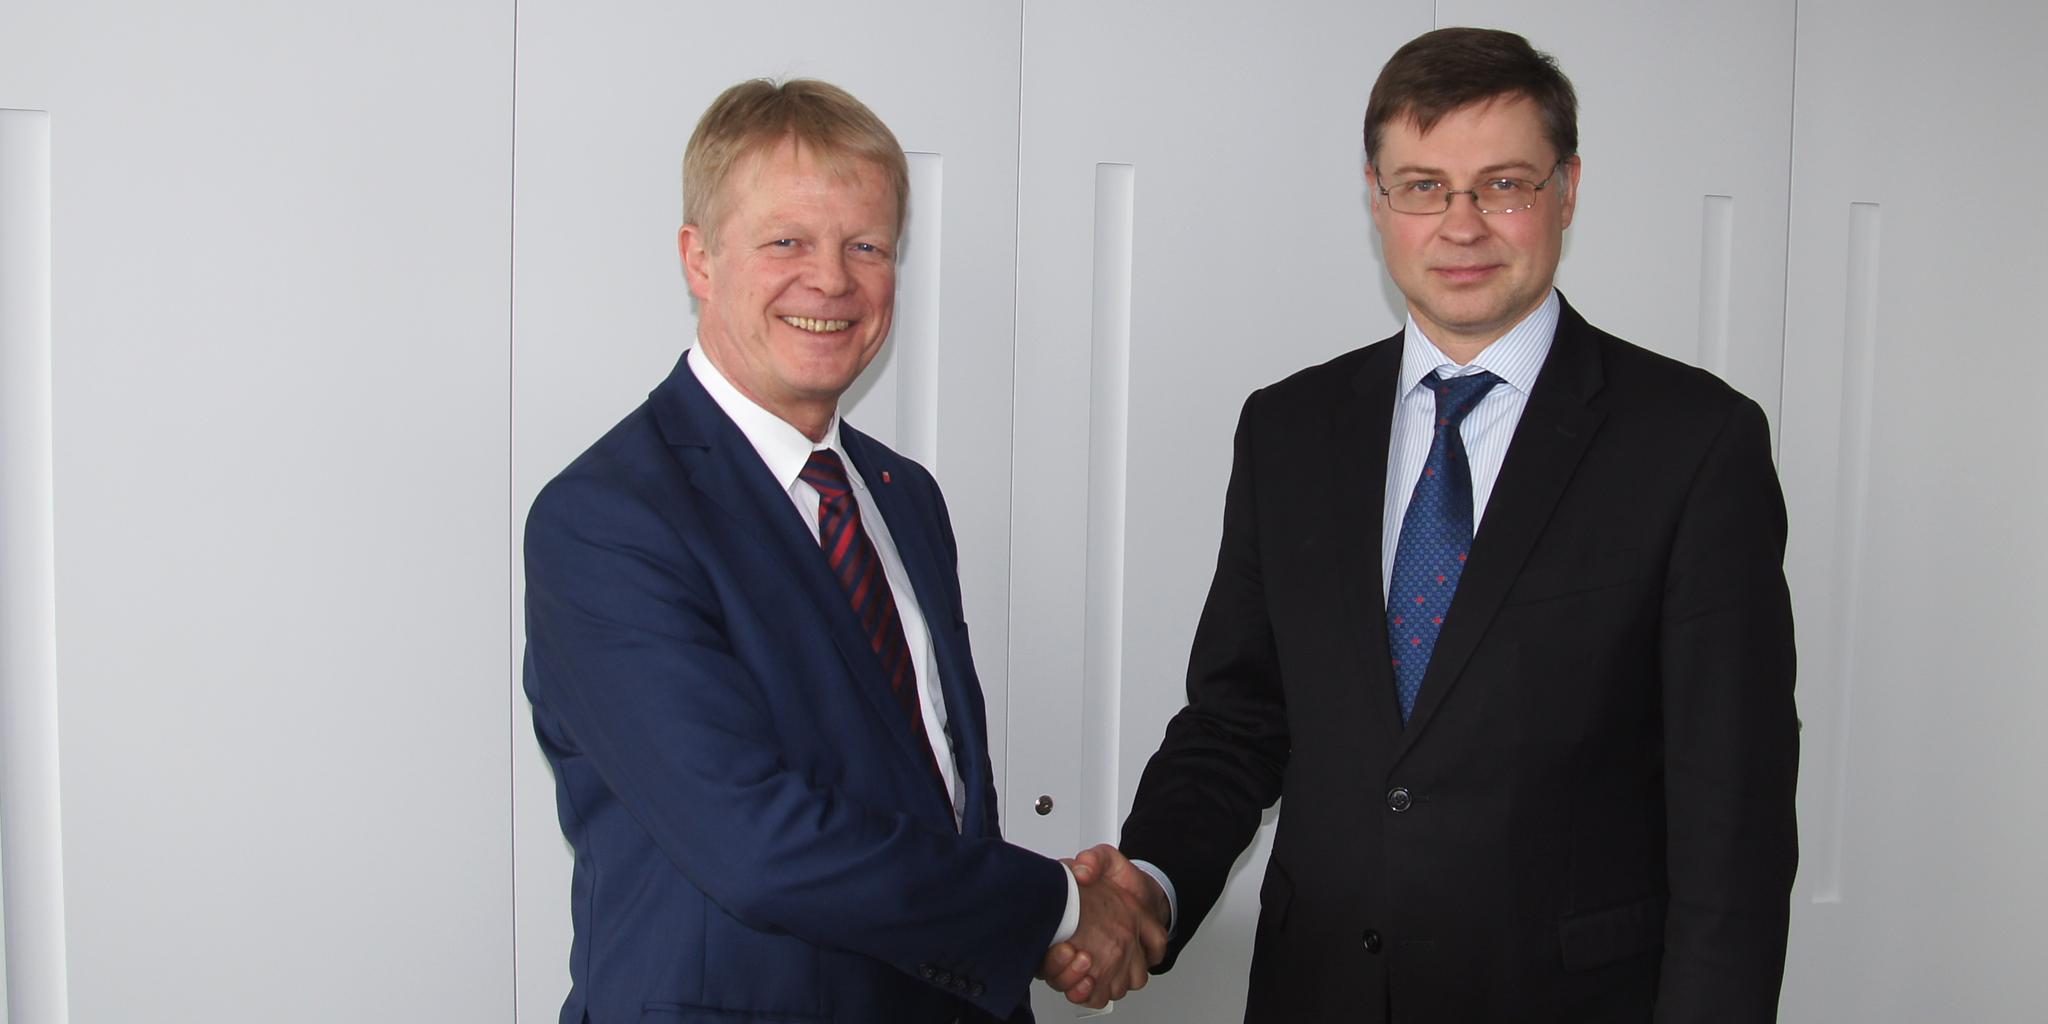 Handschlag von DGB-Vorsitzendem Reiner Hoffmann und dem Vizepräsidenten der EU-Kommission Valdis Dombrovskis